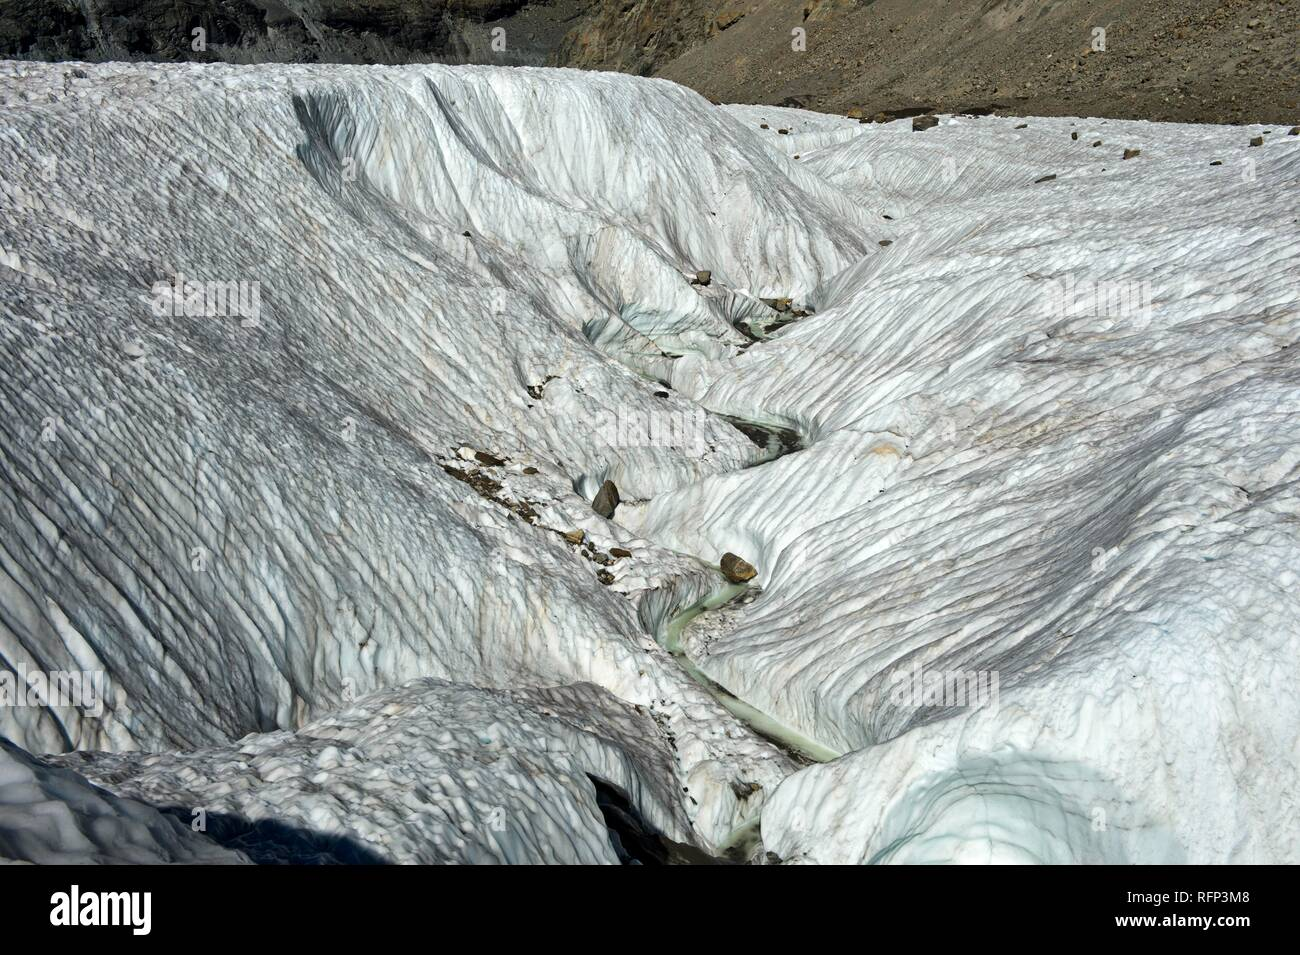 Wide crevasse on the Gorner Glacier, Zermatt, Valais, Switzerland - Stock Image